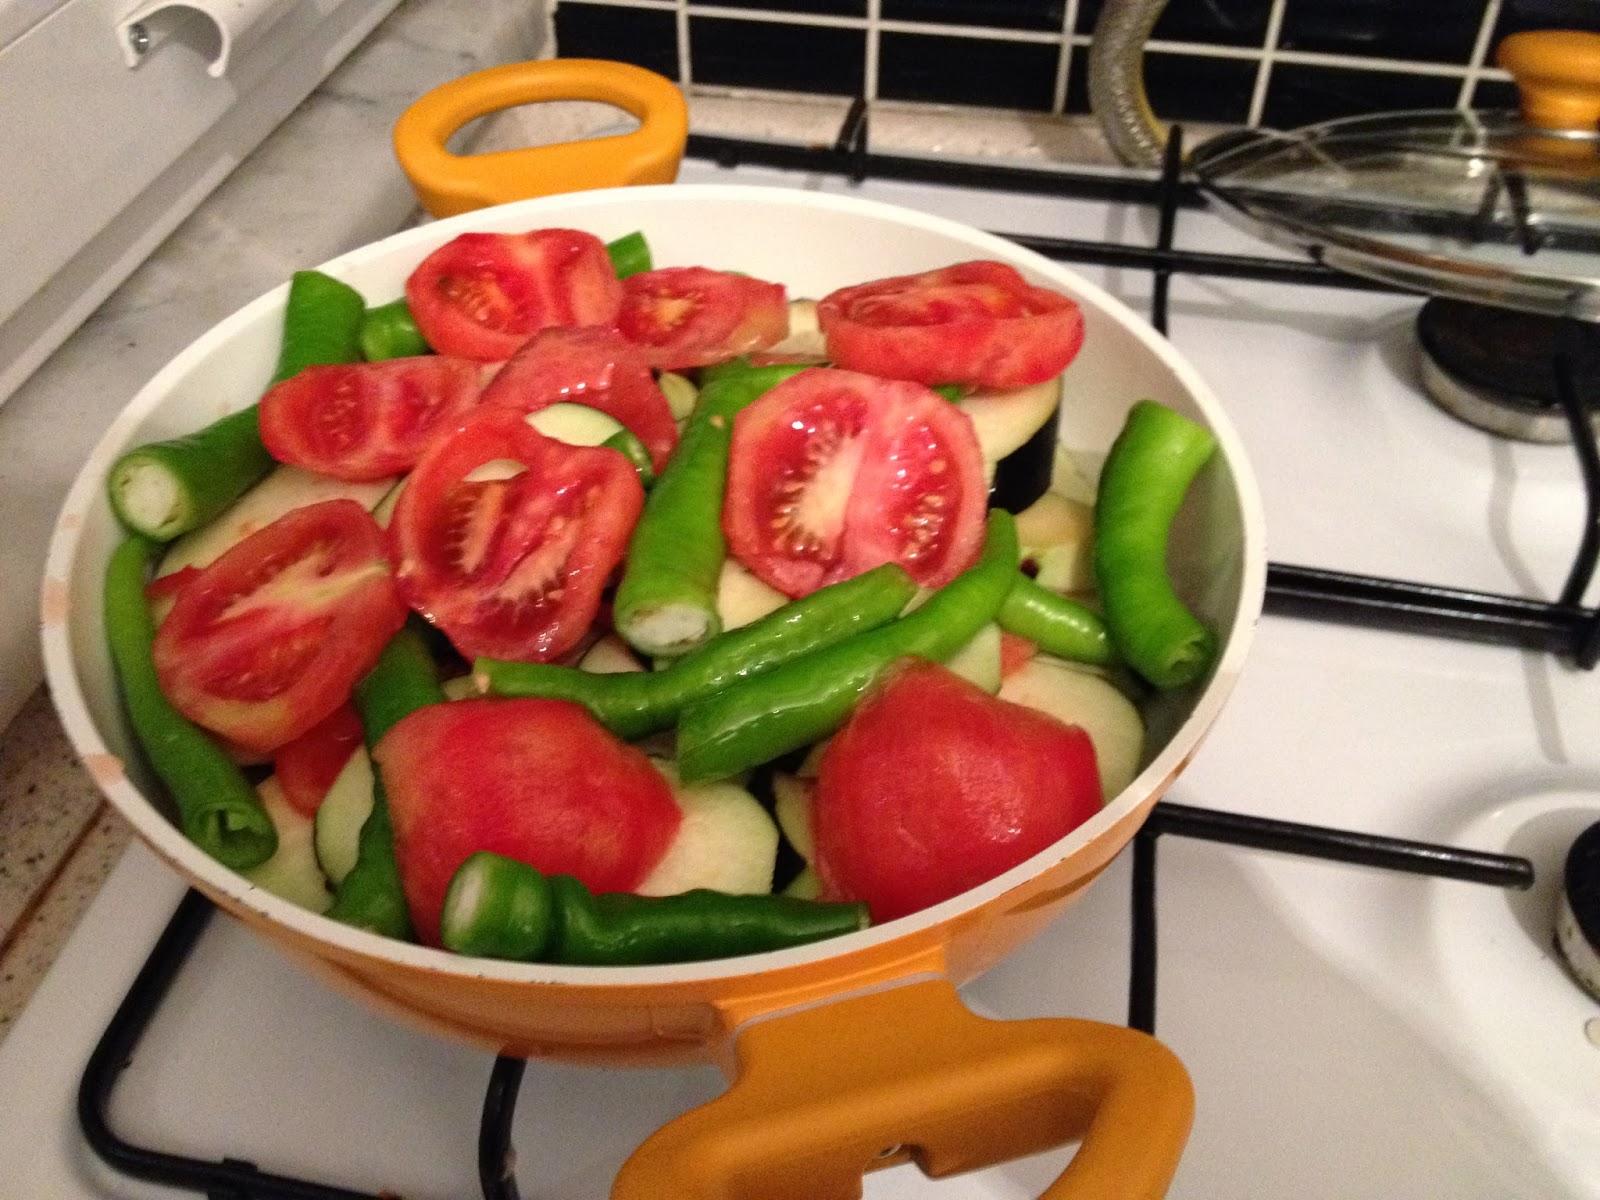 Közlenmiş patlıcan ezmesi ile Etiketlenen Konular 65